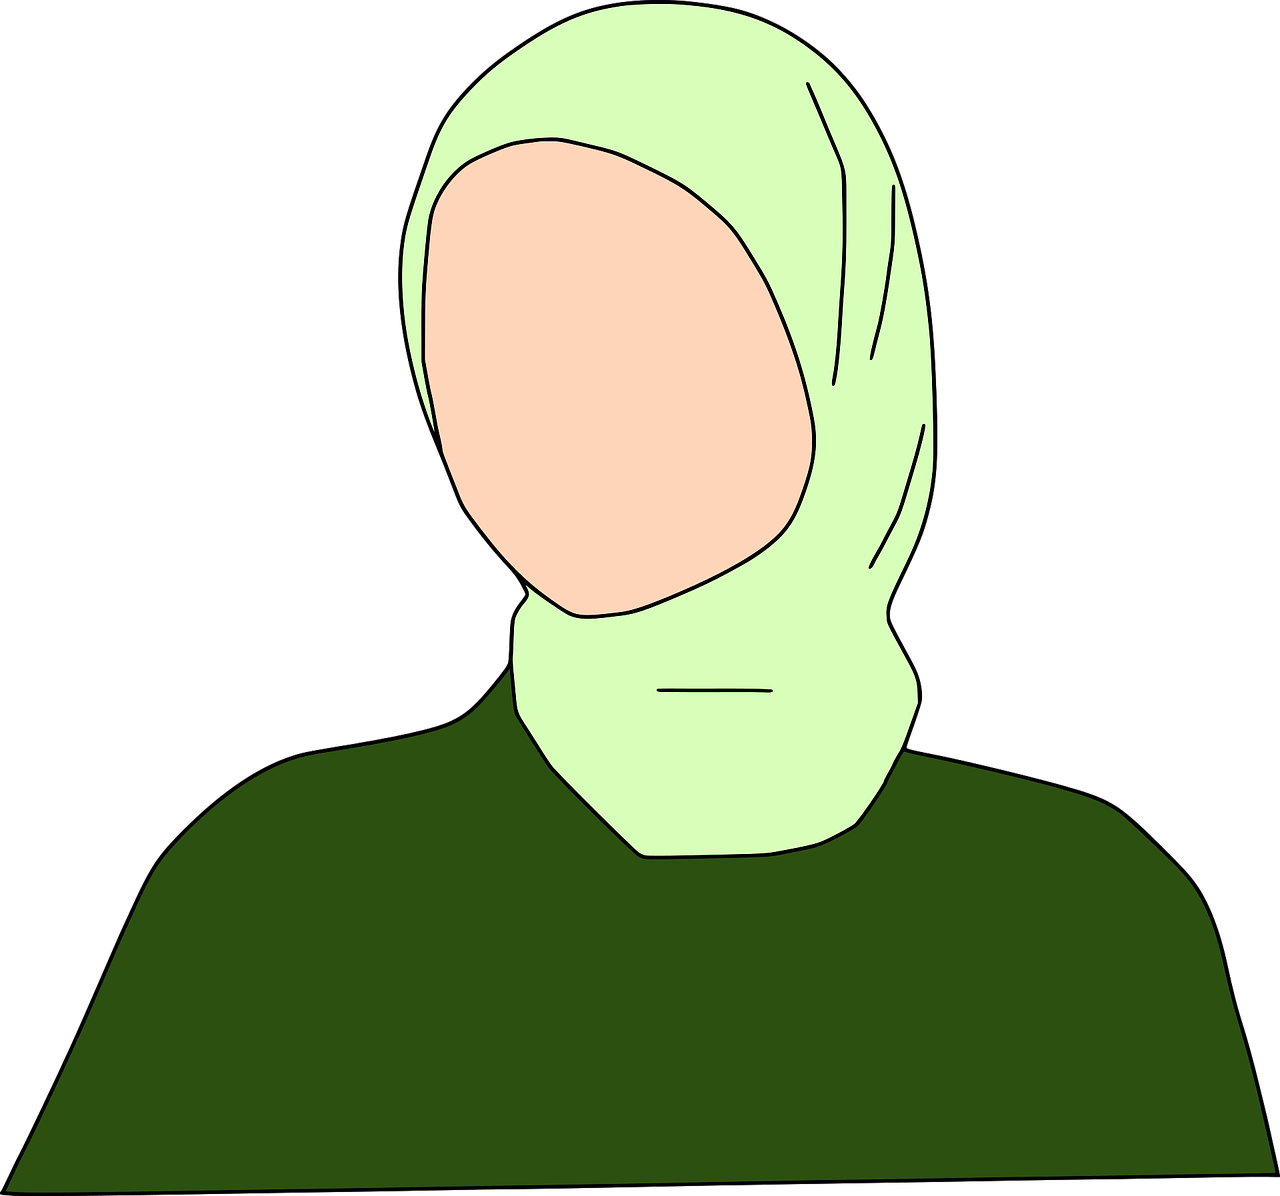 Jilbab Wanita Muslim Gambar Vektor Gratis Di Pixabay